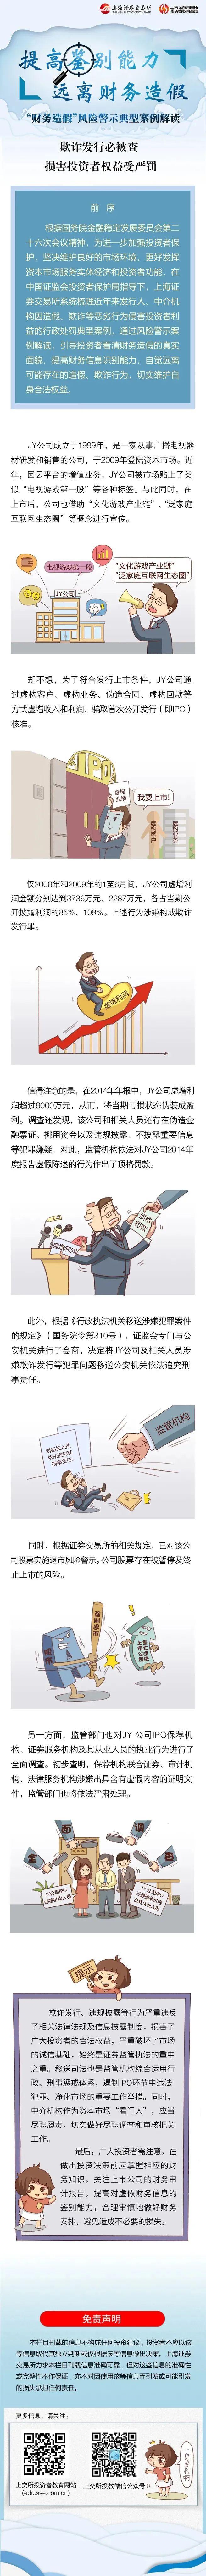 【防范非法证券期货宣传月】提高风险防范意识,增强自我保护能力